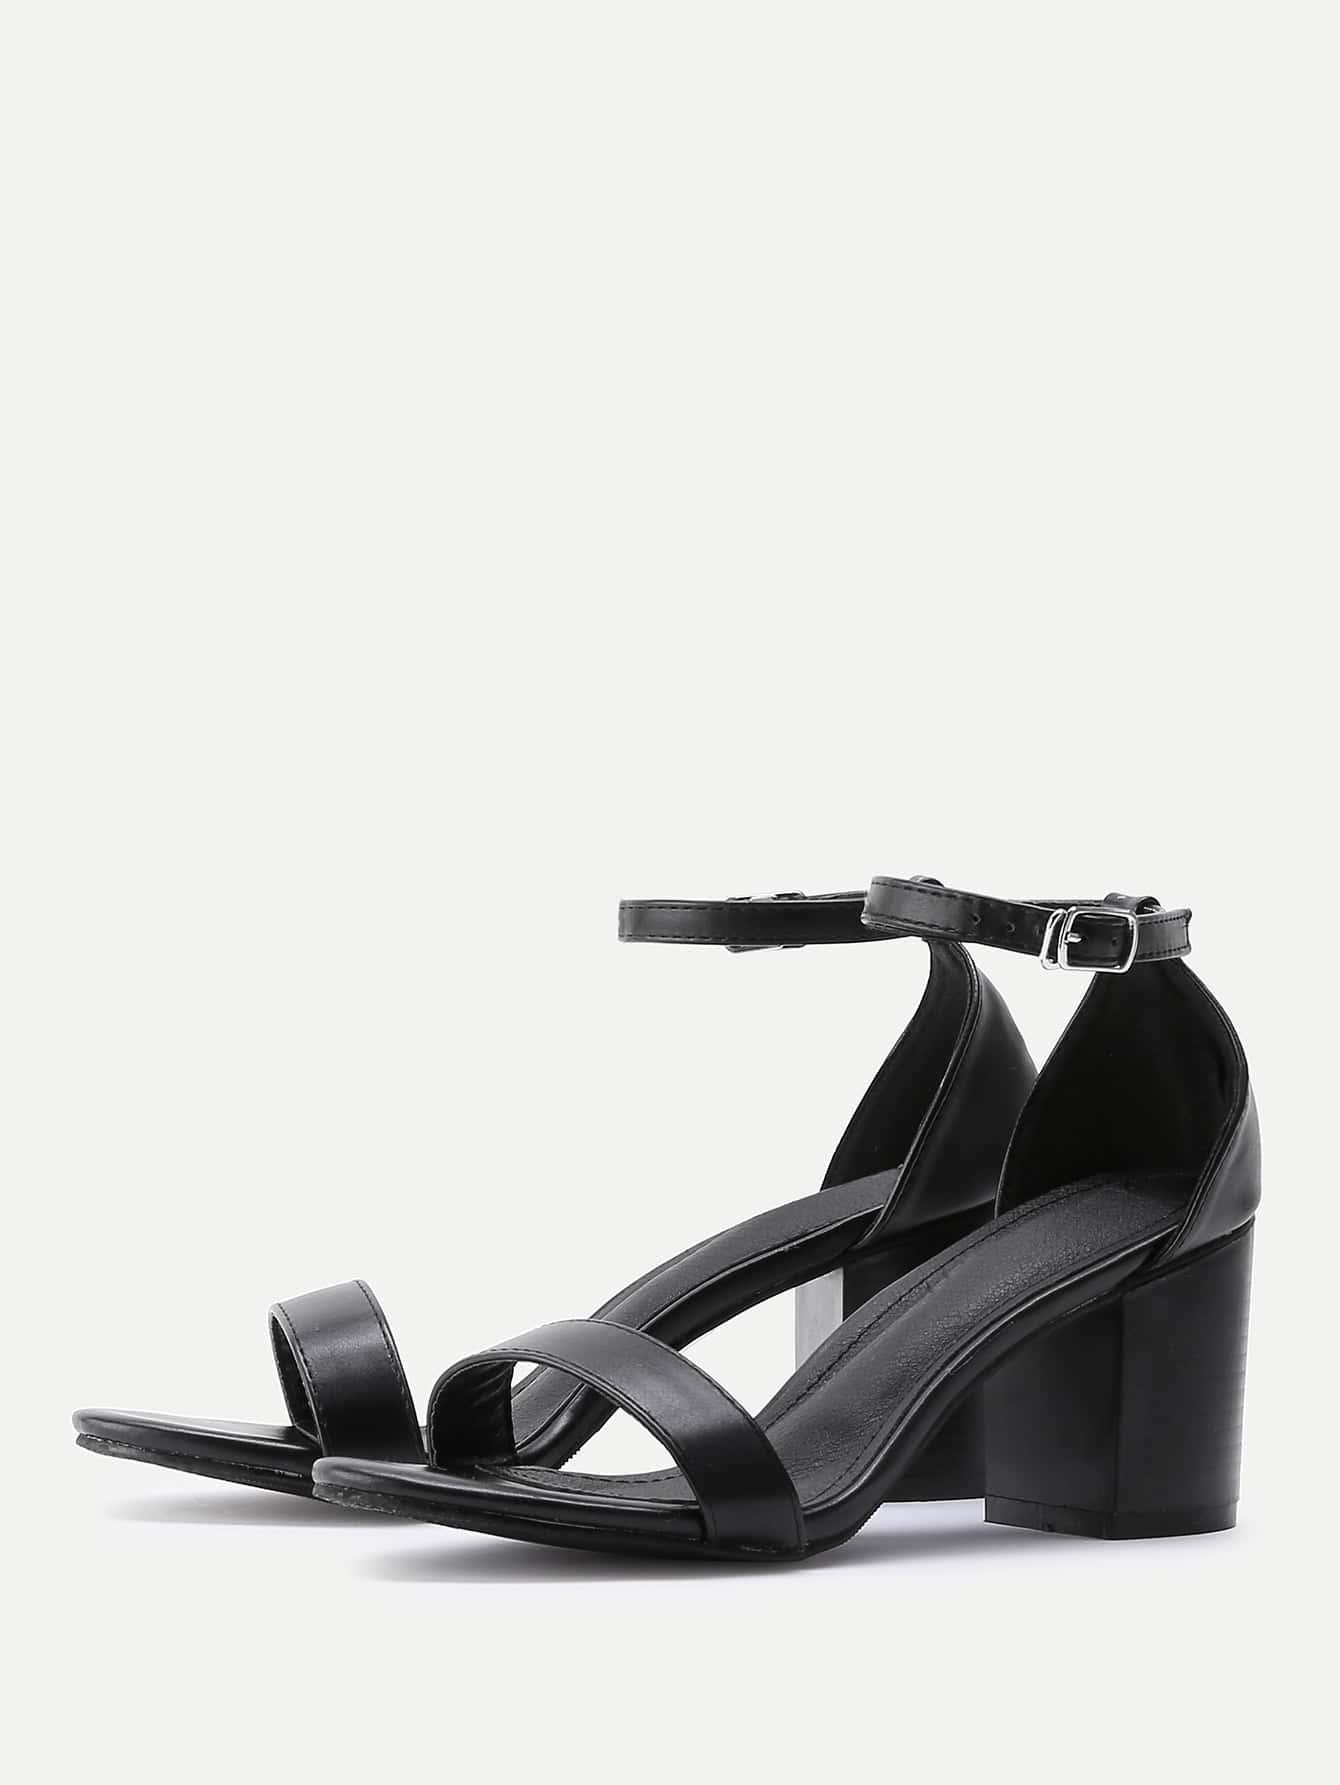 shoes170602808_2